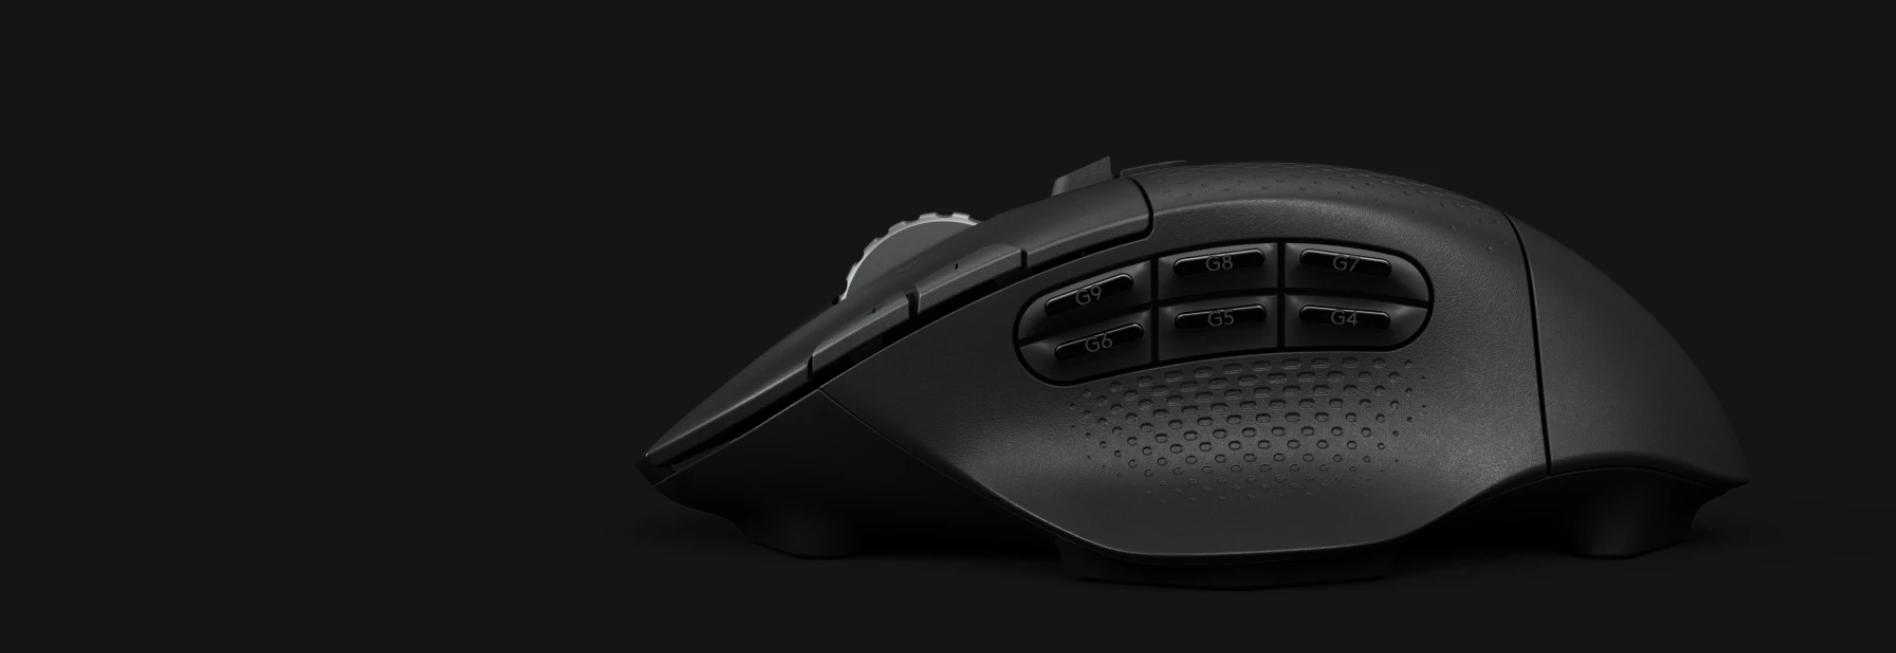 Chuột chơi game Logitech G604 Lightspeed Wireless HERO Gaming Black tích hợp rất nhiều nút có thể lập trình